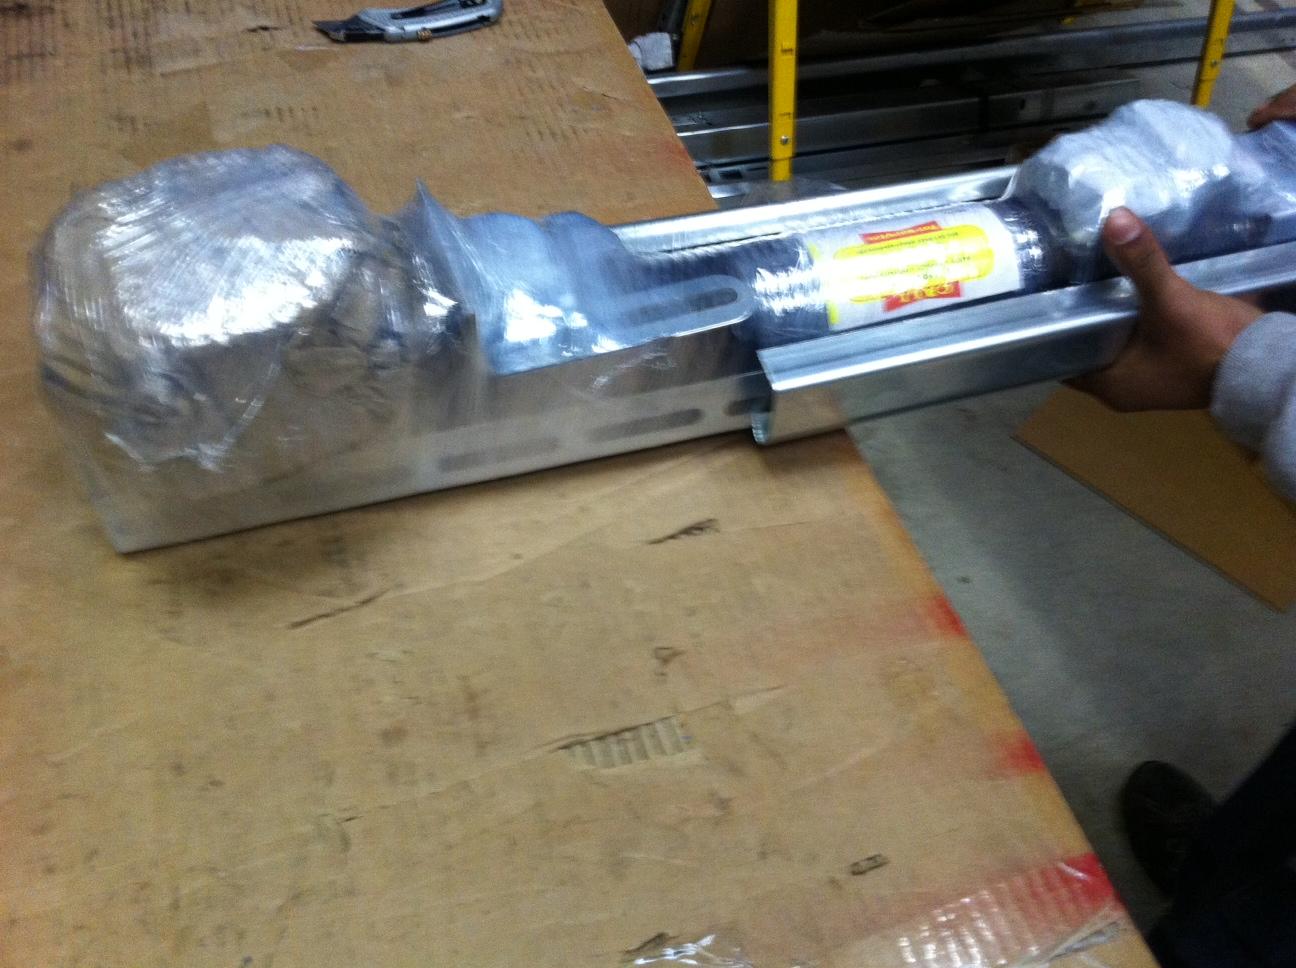 High Lift Garage Door Conversion We Track With Garage Owners Who Need Parts Ddm Garage Doors Blog Dan S Garage Door Blog